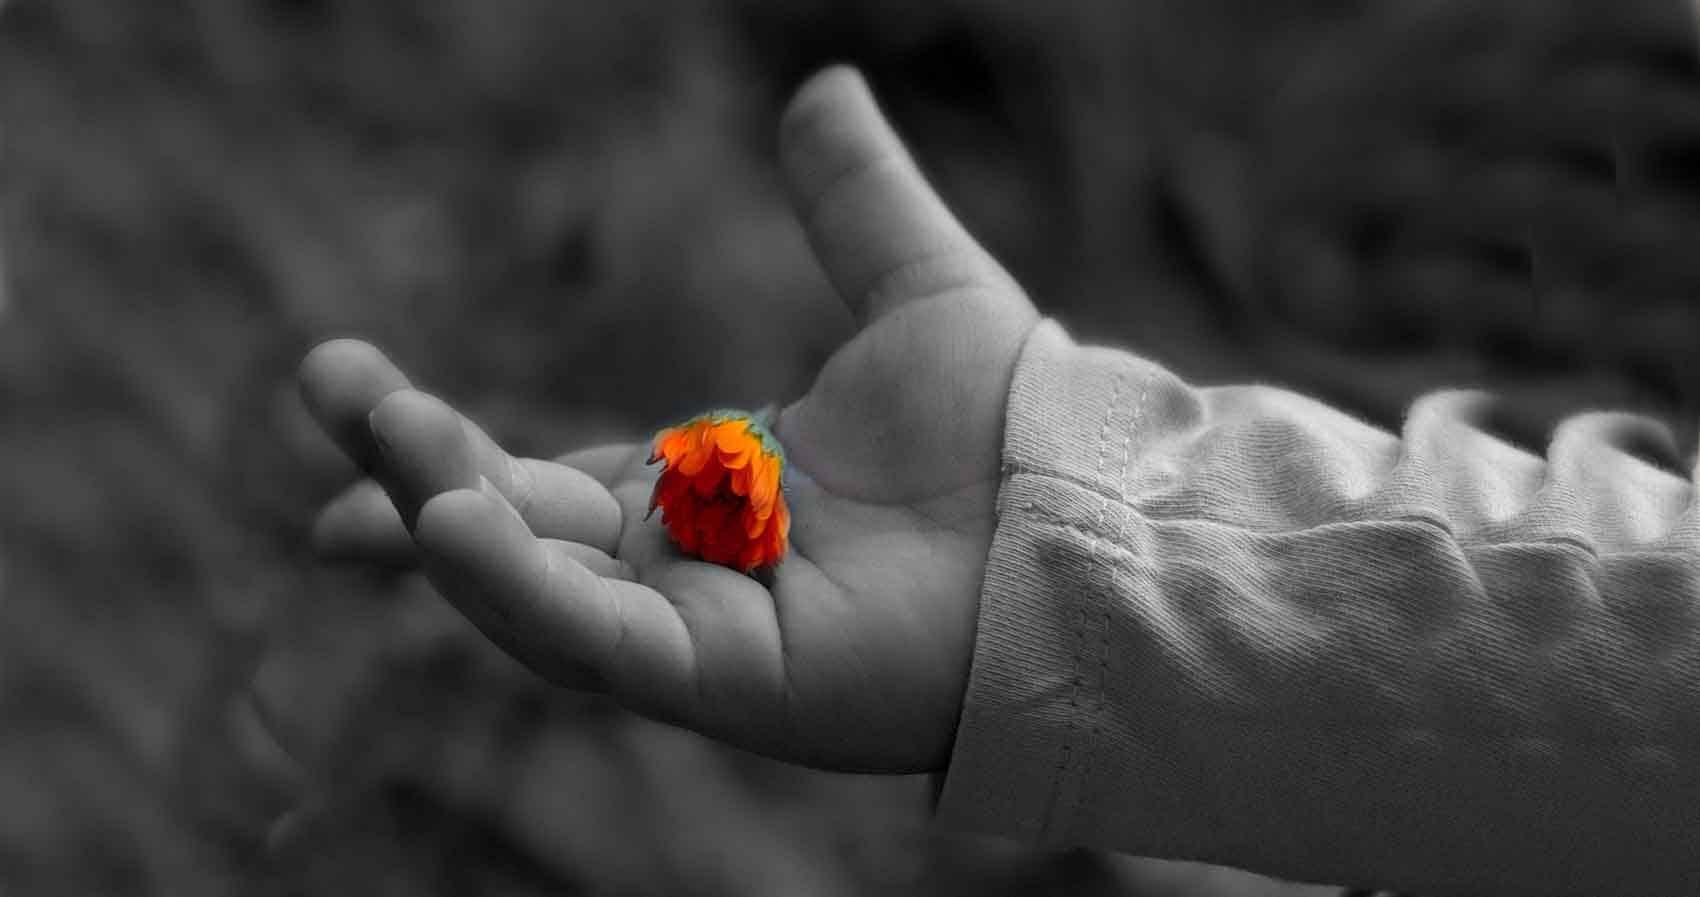 Meditación guiada para cultivar la compasión